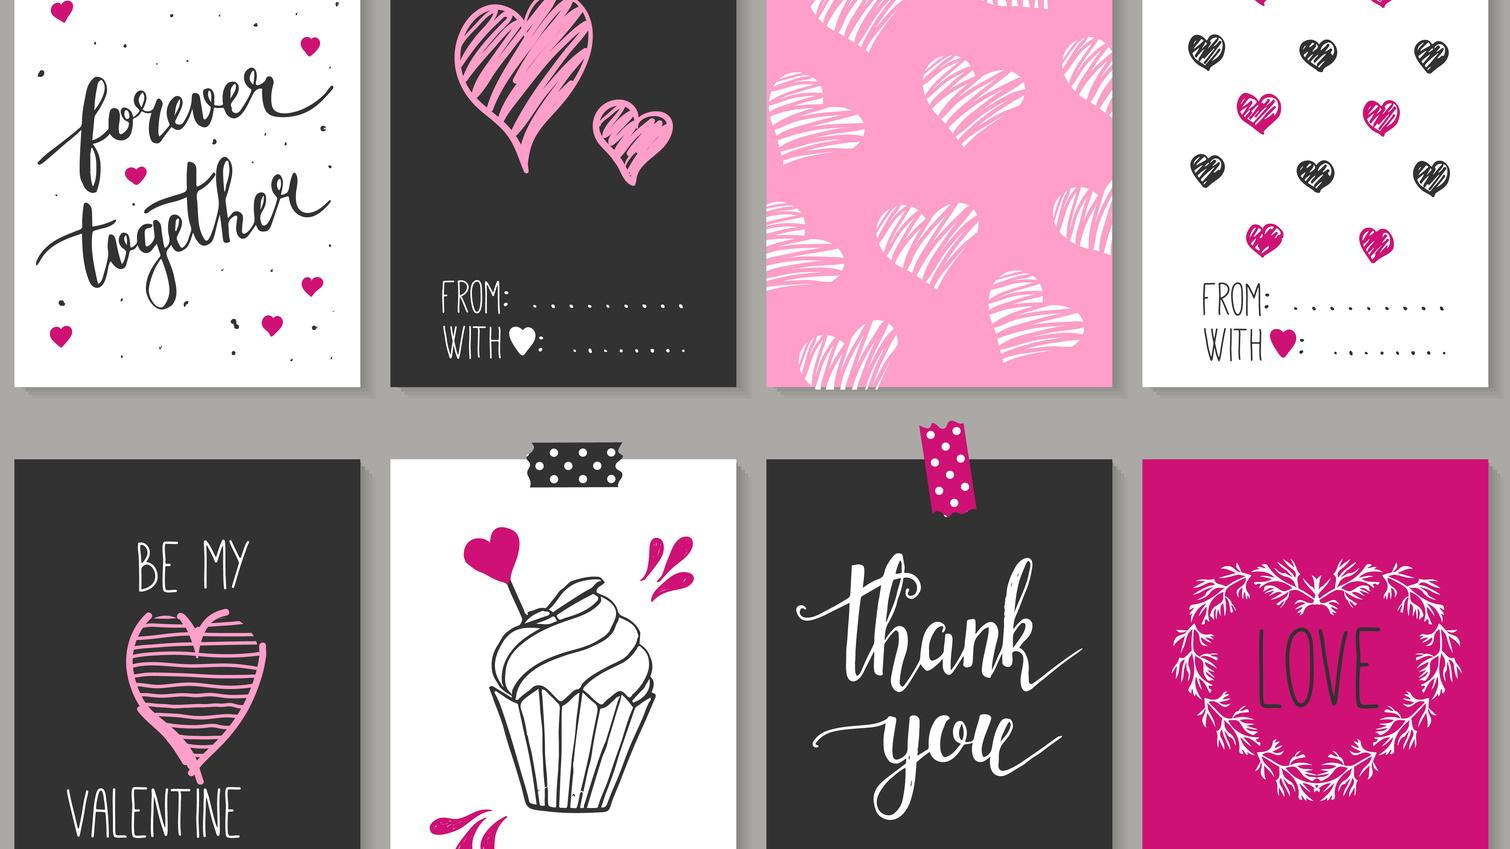 Cách làm thiệp ngày Valentine một cách dễ dàng với nhà cung cấp thẻ ảnh 4